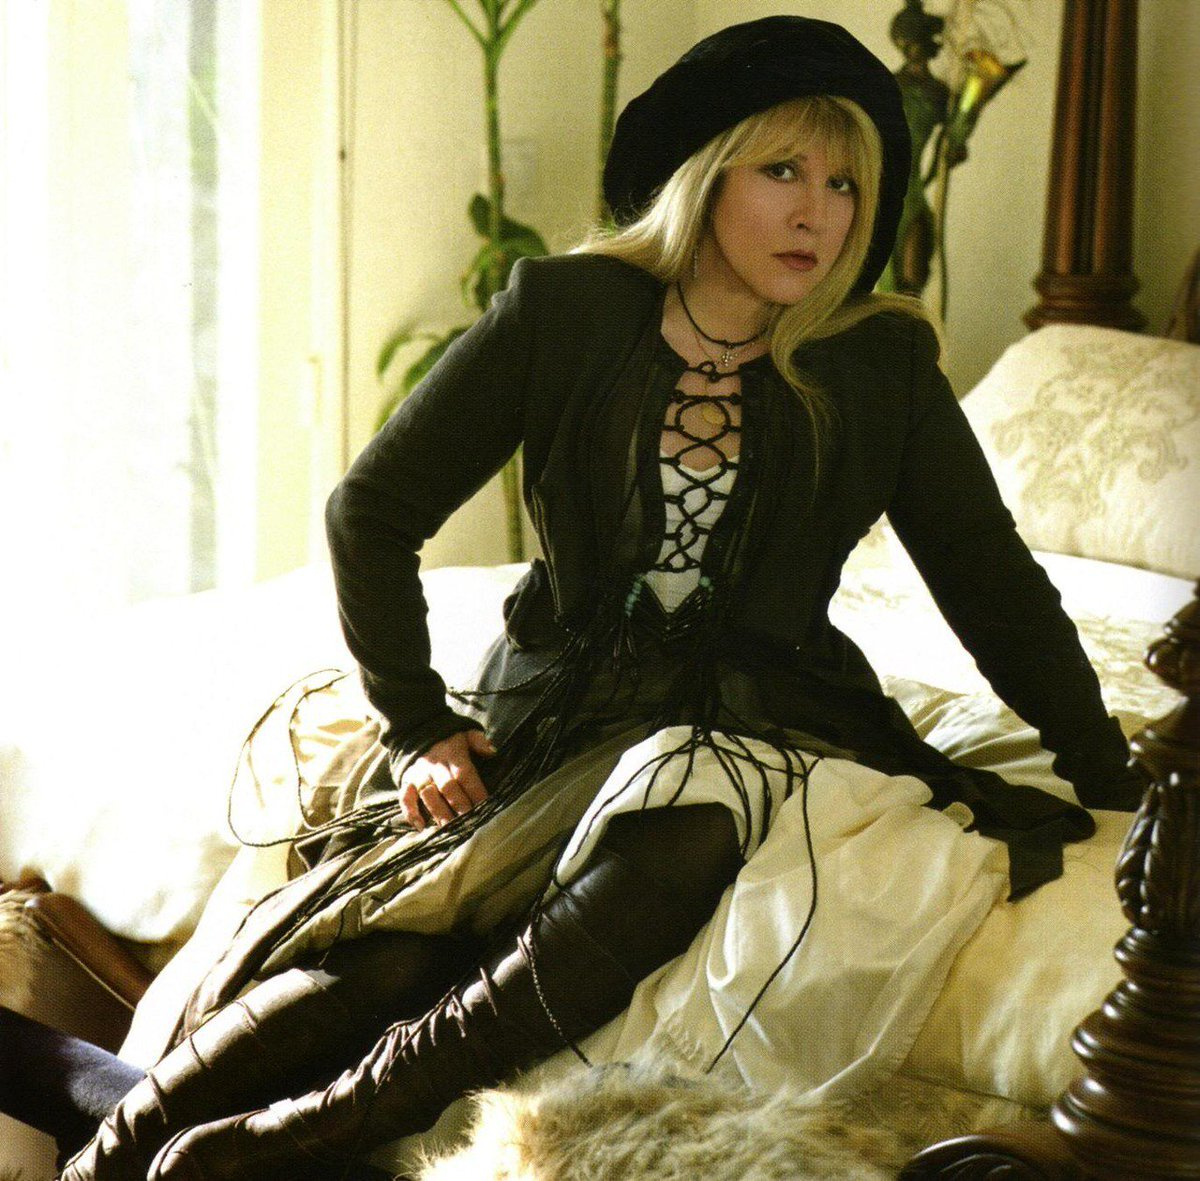 Stevie nicks 80s fashion 11